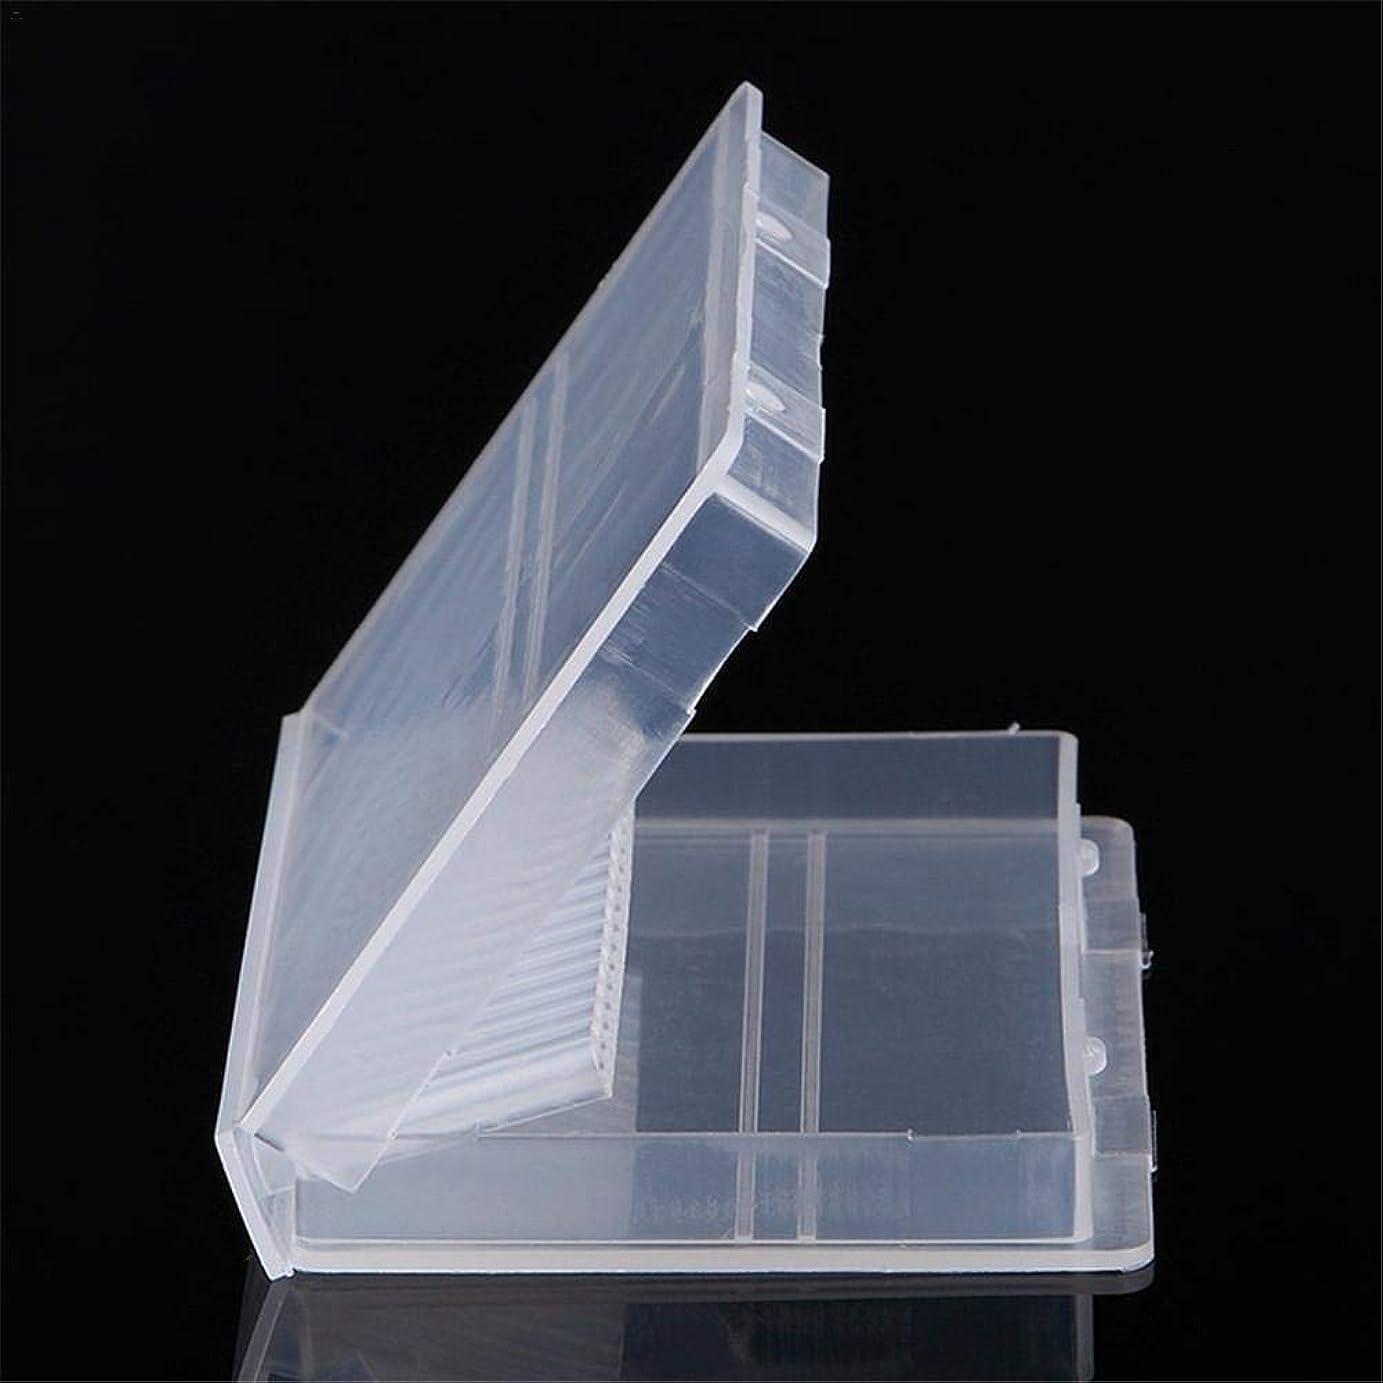 広げる地域の位置づけるRuier-tong ネイルドリル 収納ケース ネイルビッドセット 研削ネイル用 透明 プラスチック 20穴 ネイル研削ヘッド収納ボックス